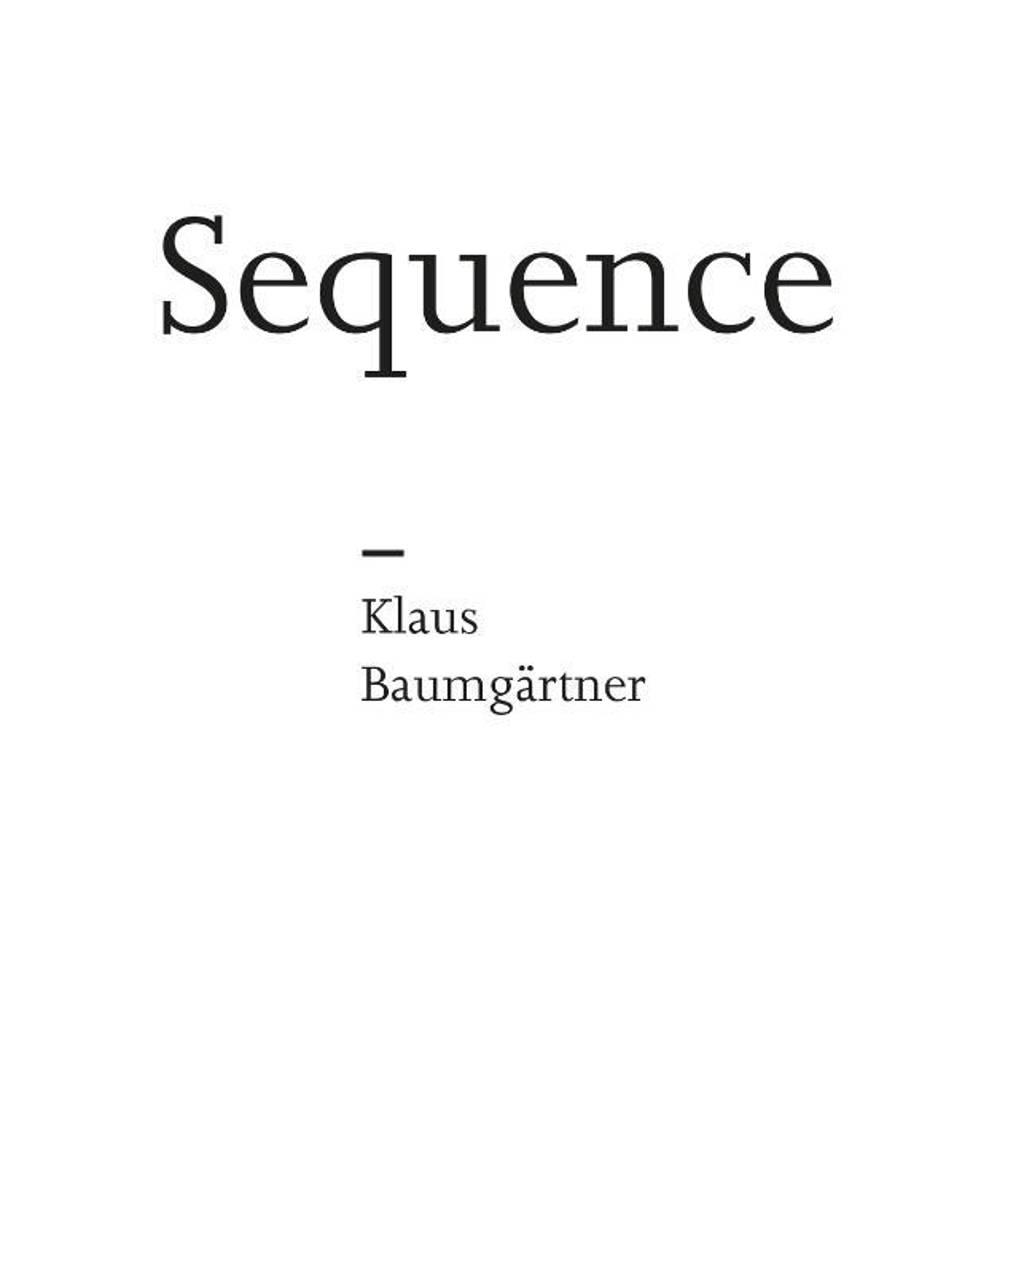 Sequence - Hans Locher